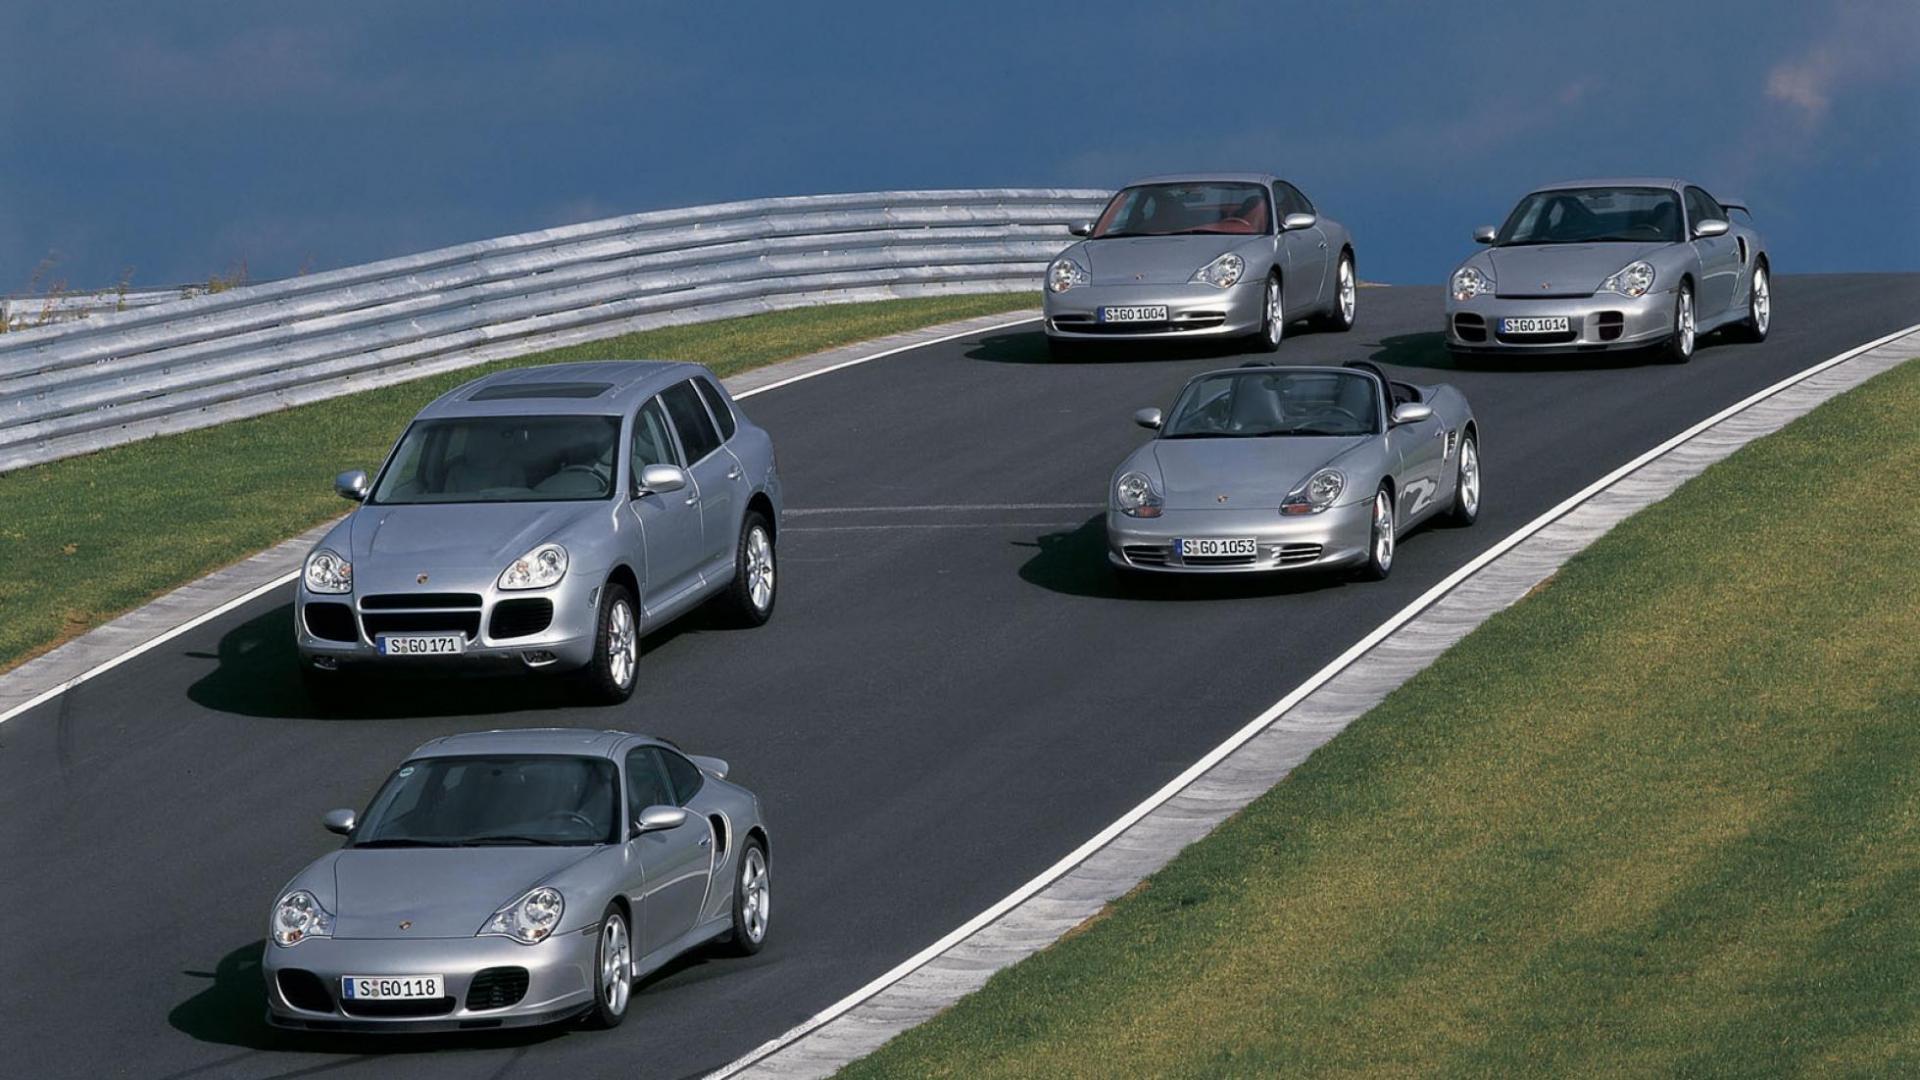 Porsche Cayenne, Porsche 911, Porsche Boxster